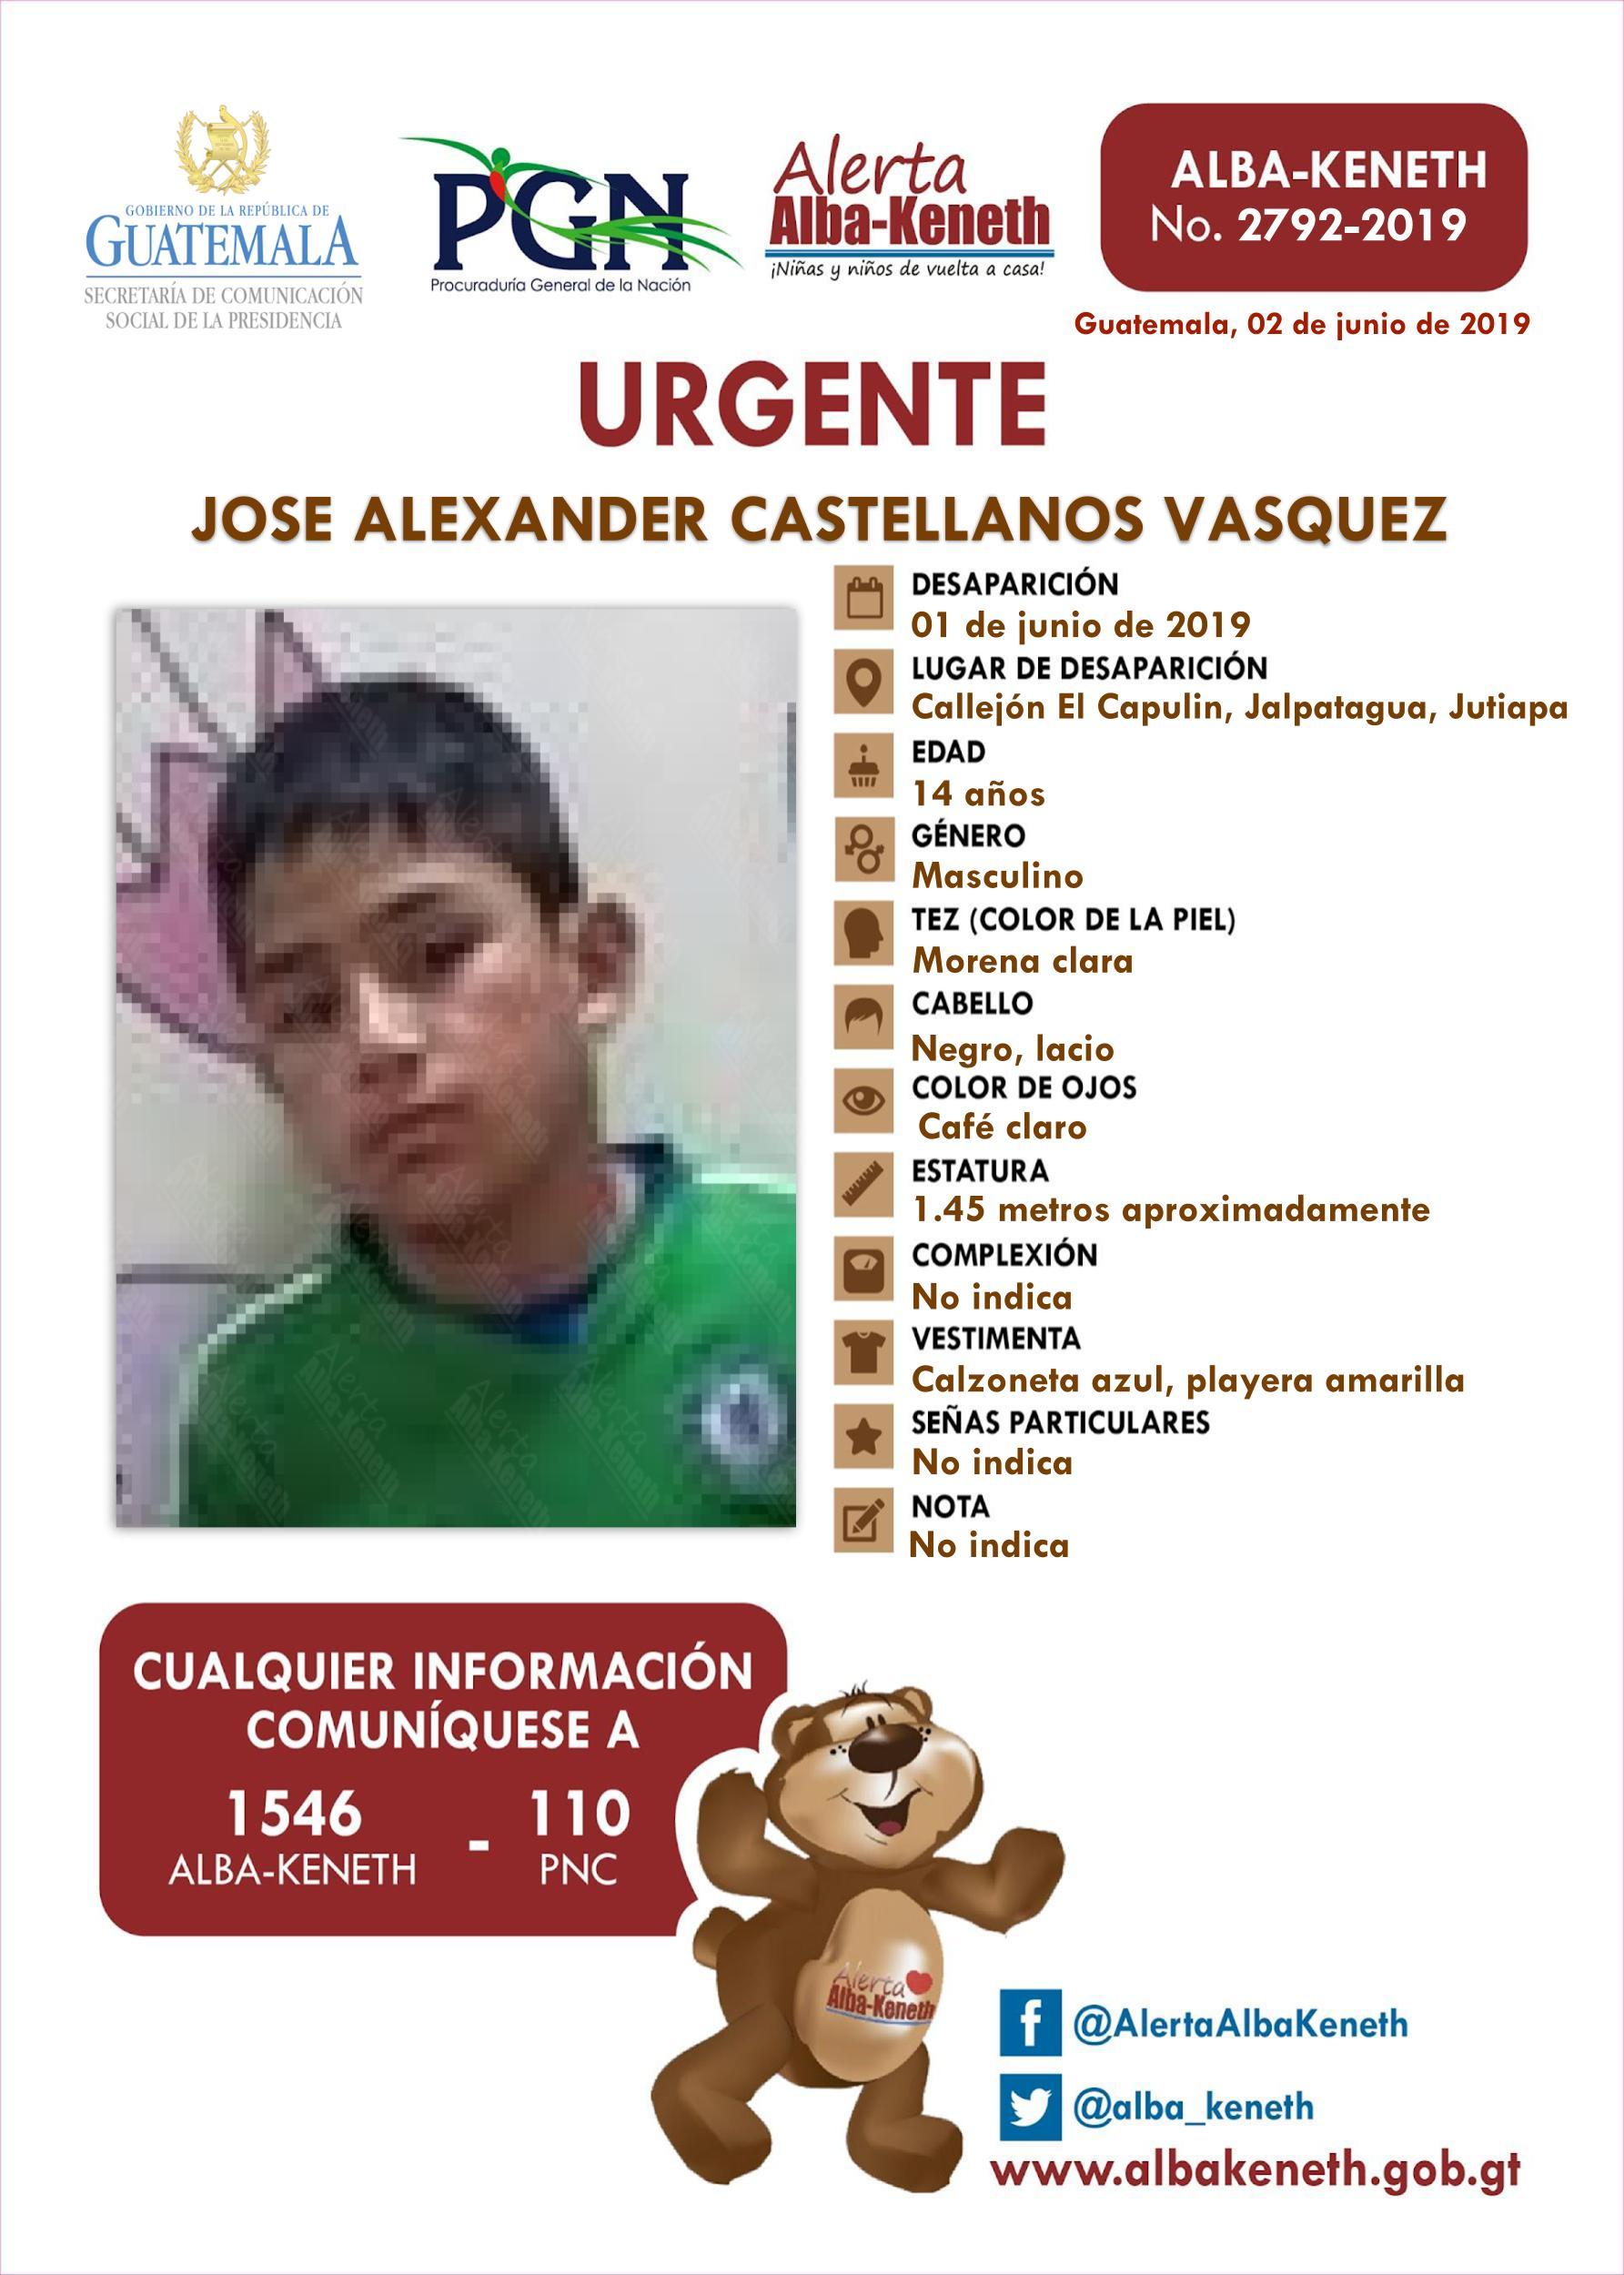 Jose Alexander Castellanos Vasquez